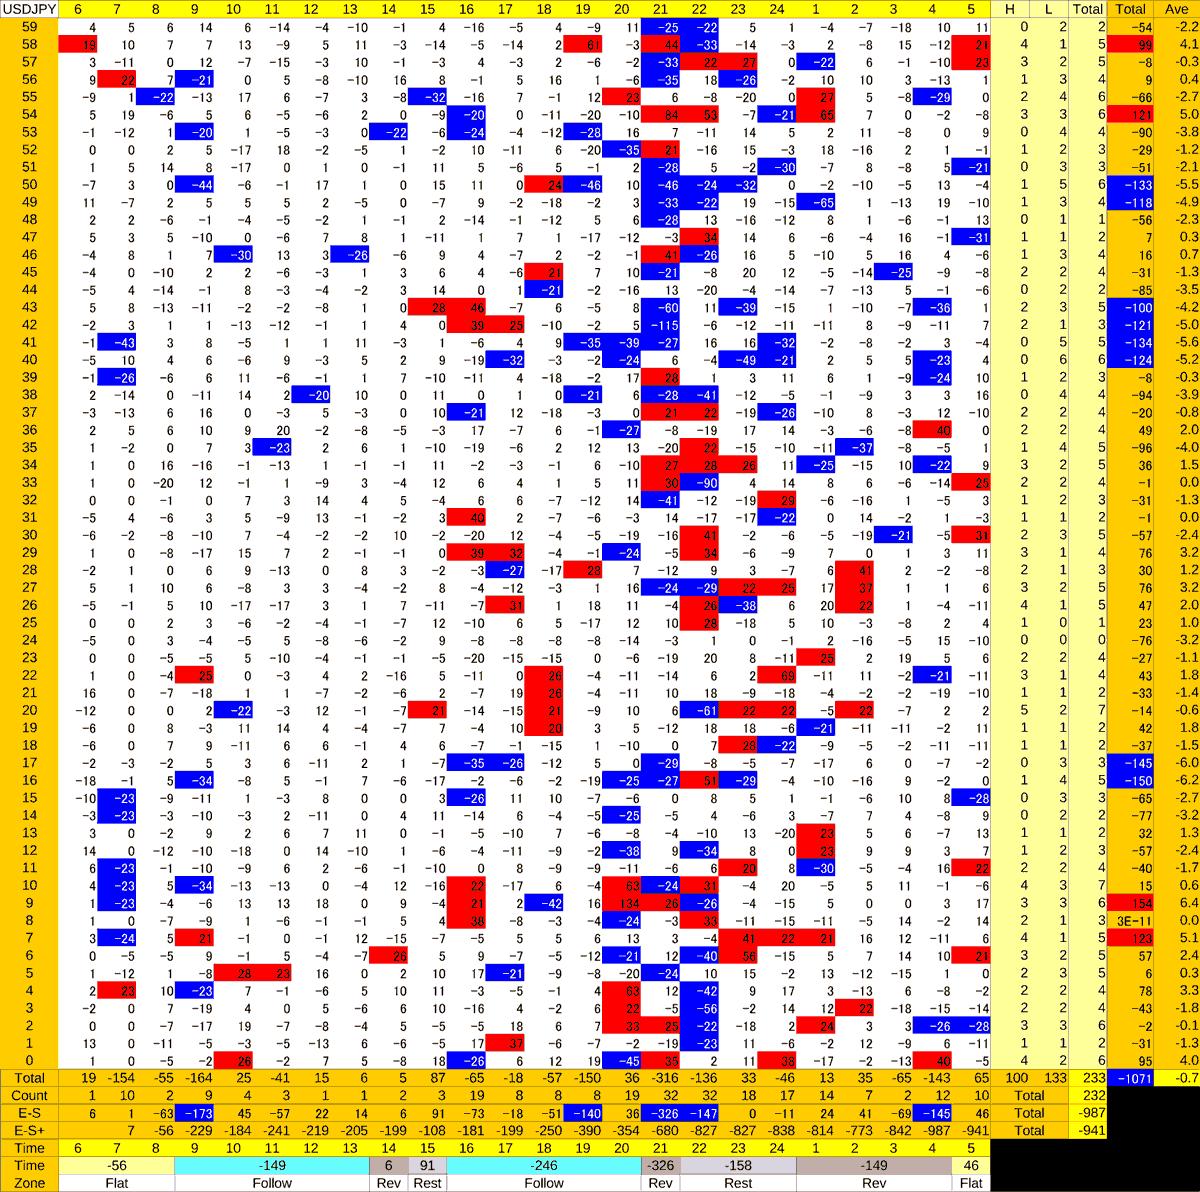 20201105_HS(1)USDJPY